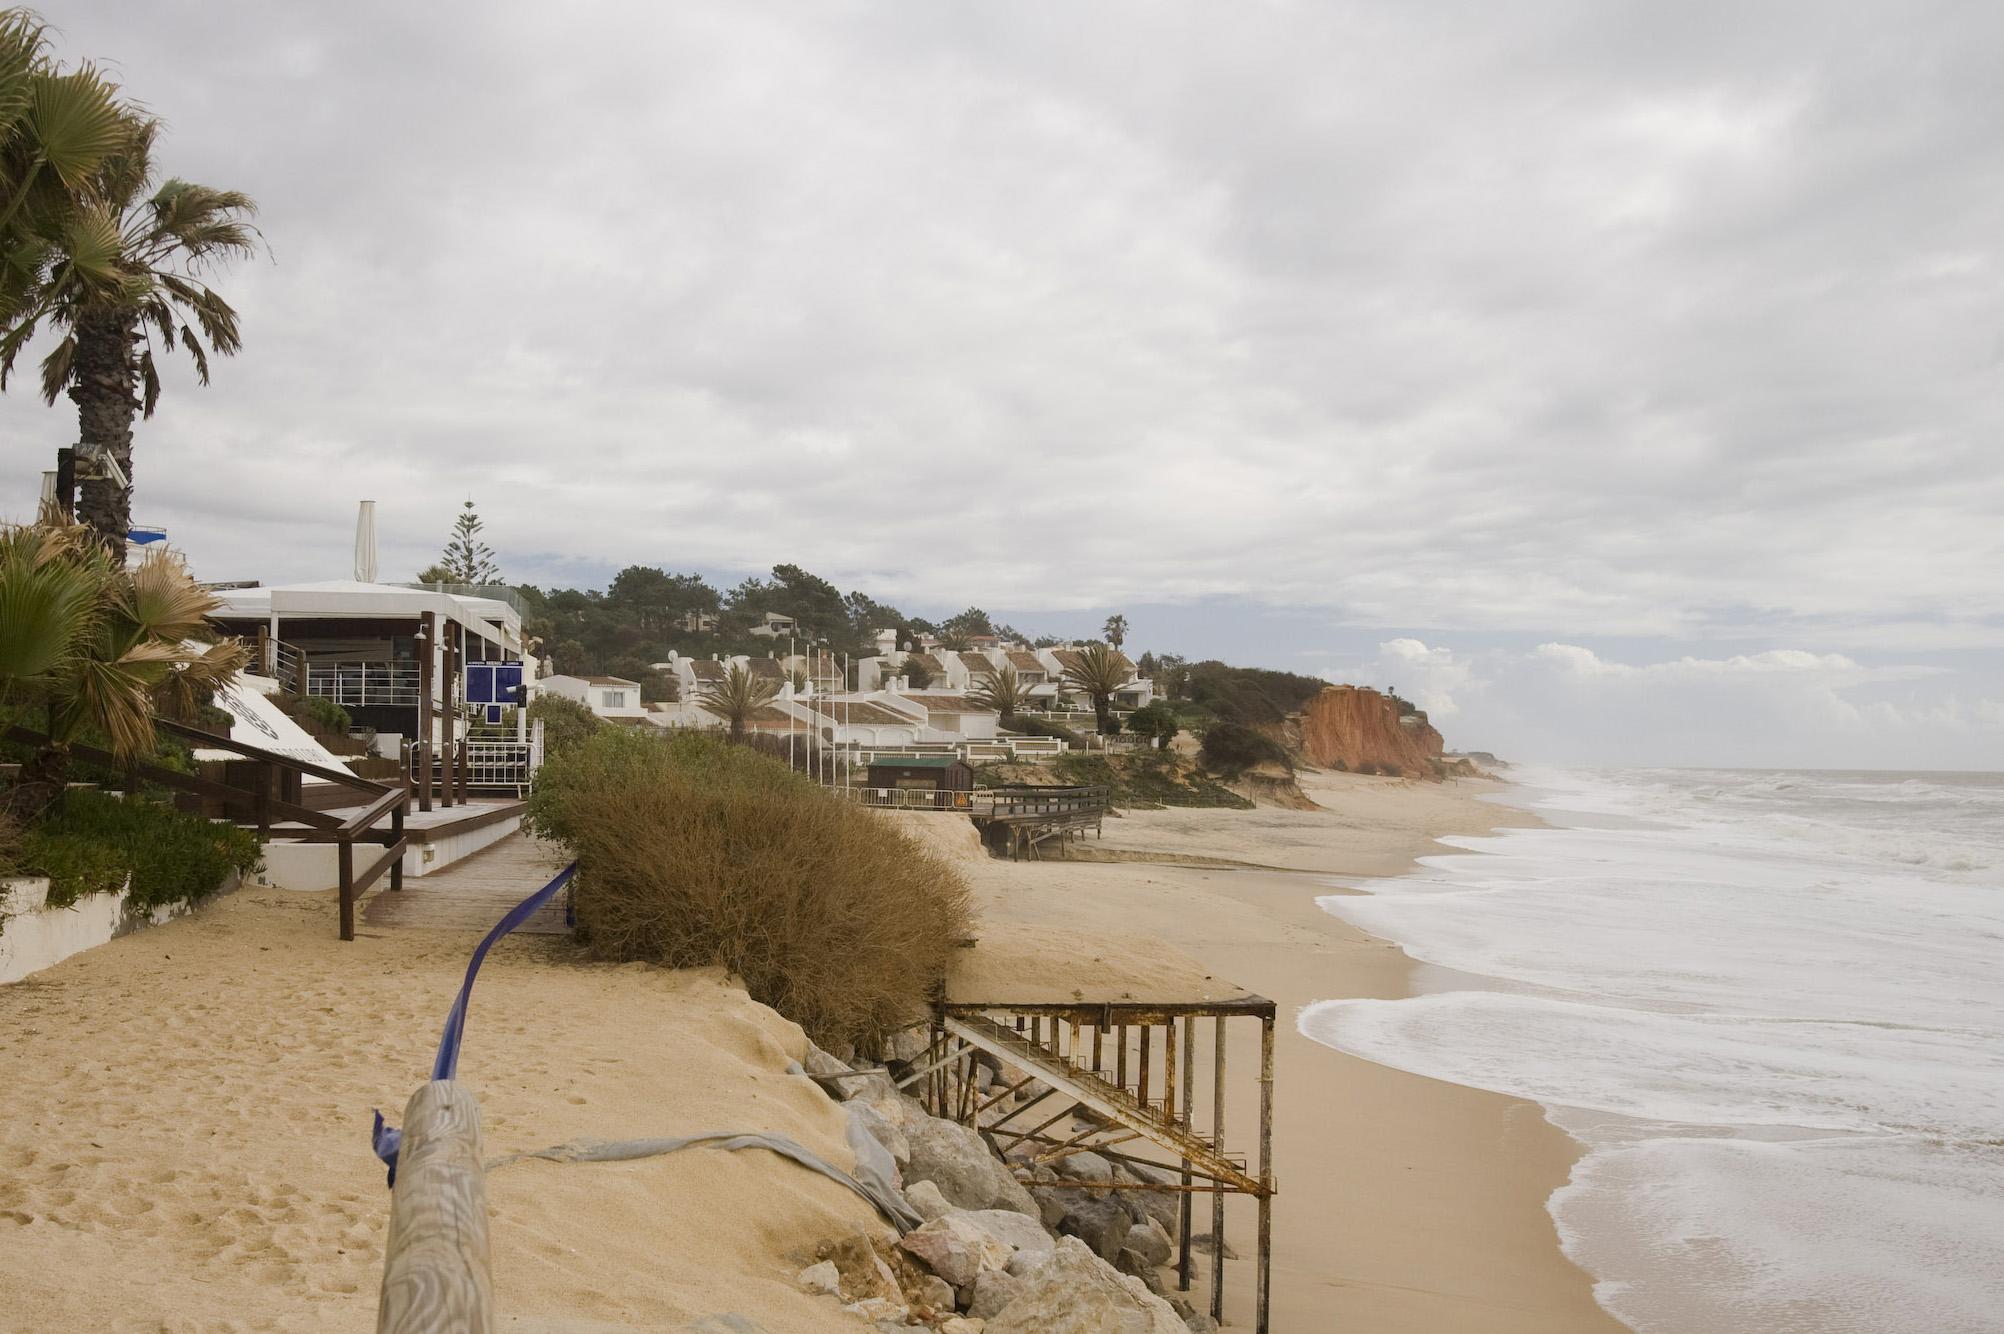 O conhecido resort de Vale do Lobo está parcialmente ameaçado pela subida das águas do mar